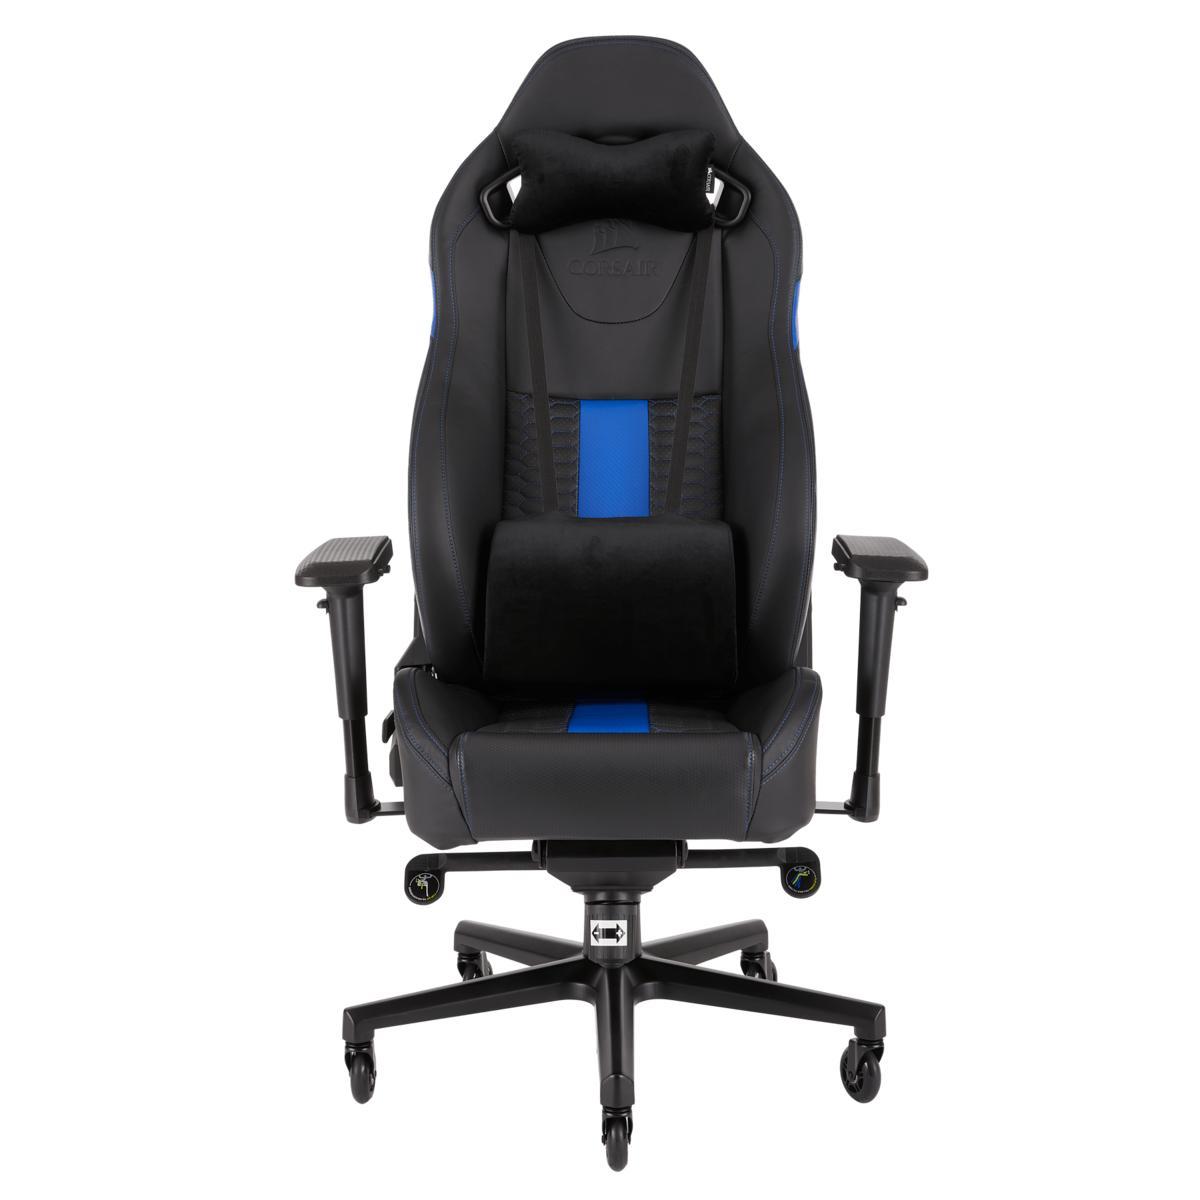 Corsair CS-CF-9010009-WW T2 ROAD WARRIOR Gaming Chair